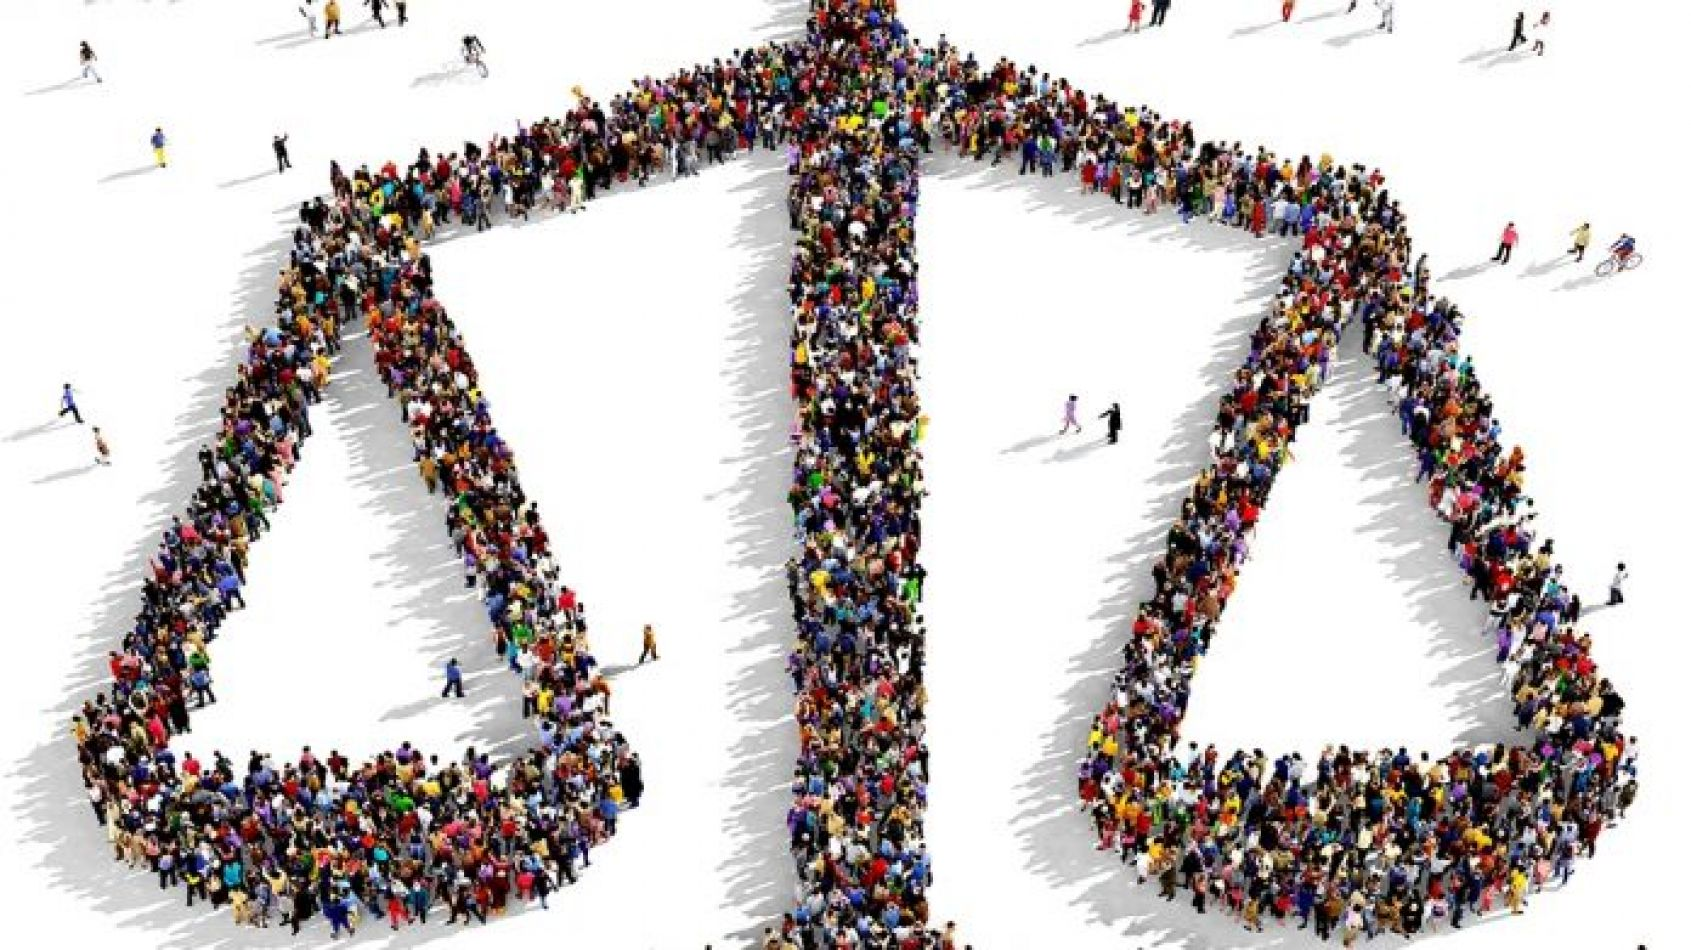 El 20 de febrero se celebra el Día Mundial de la Justicia Social.